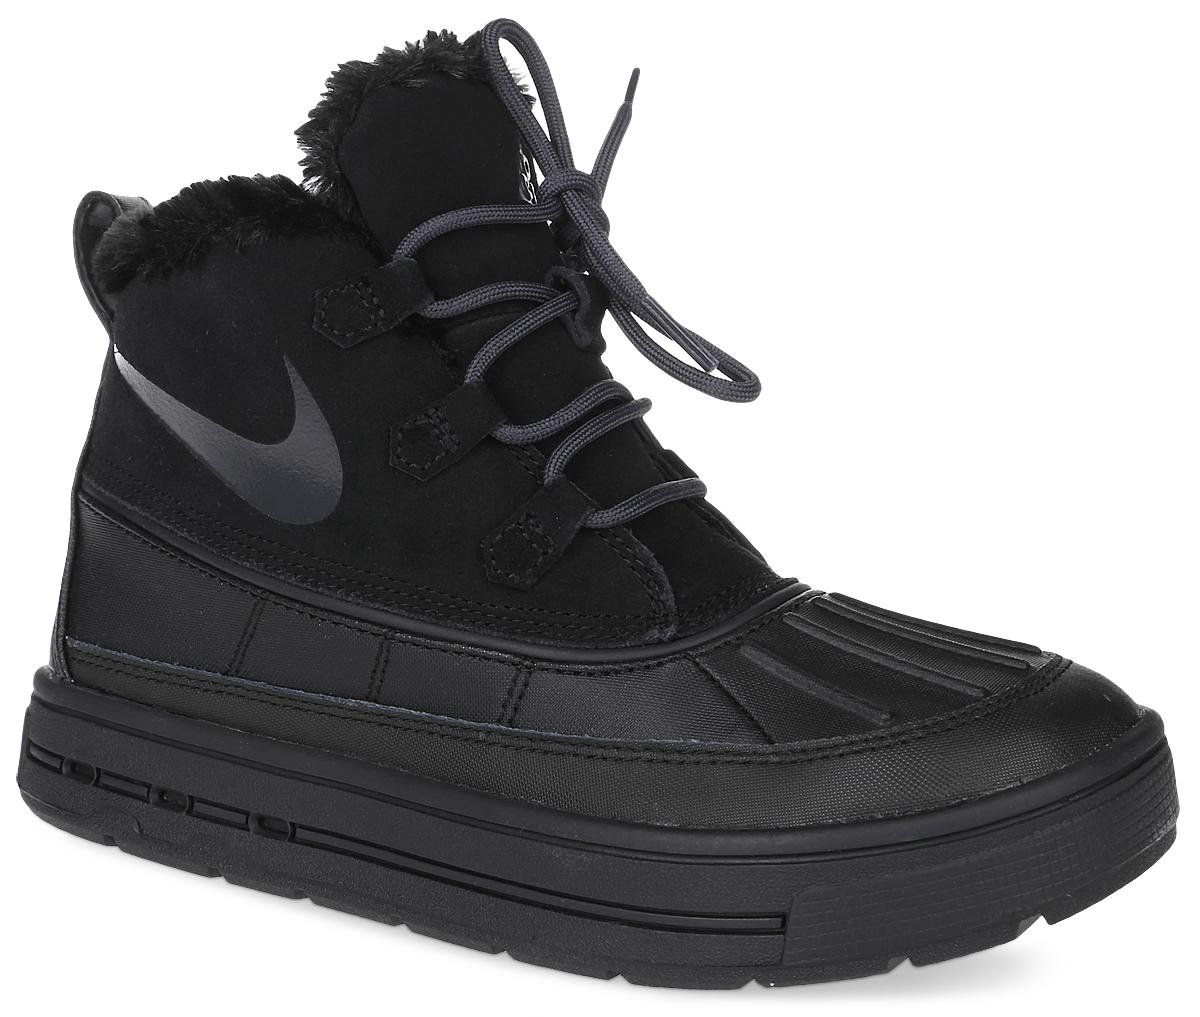 Ботинки детские Nike Woodside Chukka 2 (GS), цвет: черный. 859425-002. Размер 3,5 (34,5)859425-002Ботинки Nike Woodside Chukka 2 выполнены из сочетания искусственной и натуральной кожи, дополнена резиновой вставкой. Подкладка изготовлена из искусственного меха. Модель на шнуровке. Вставка phylon по всей длине подошвы обеспечивают мягкую амортизацию. Резиновая подошва оснащена протектором.